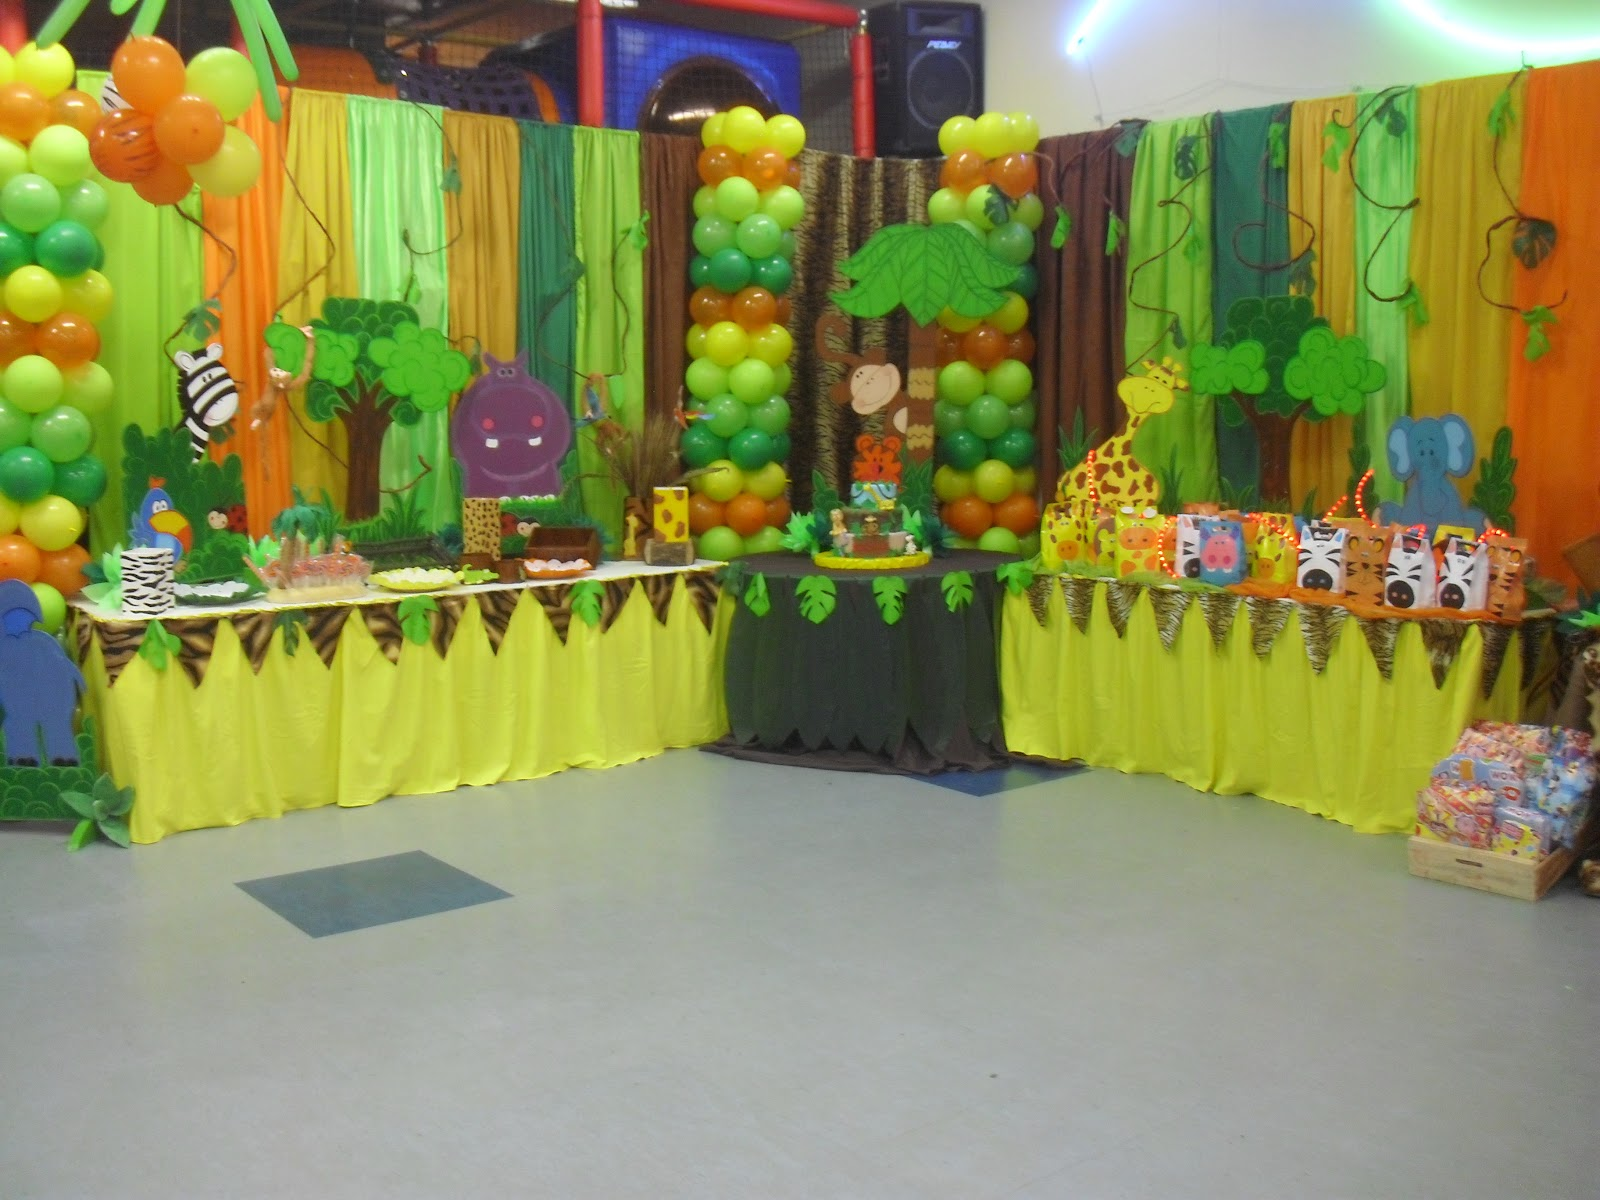 Ursula newman eventos fiesta infantil safari - Decoracion para fotos ...